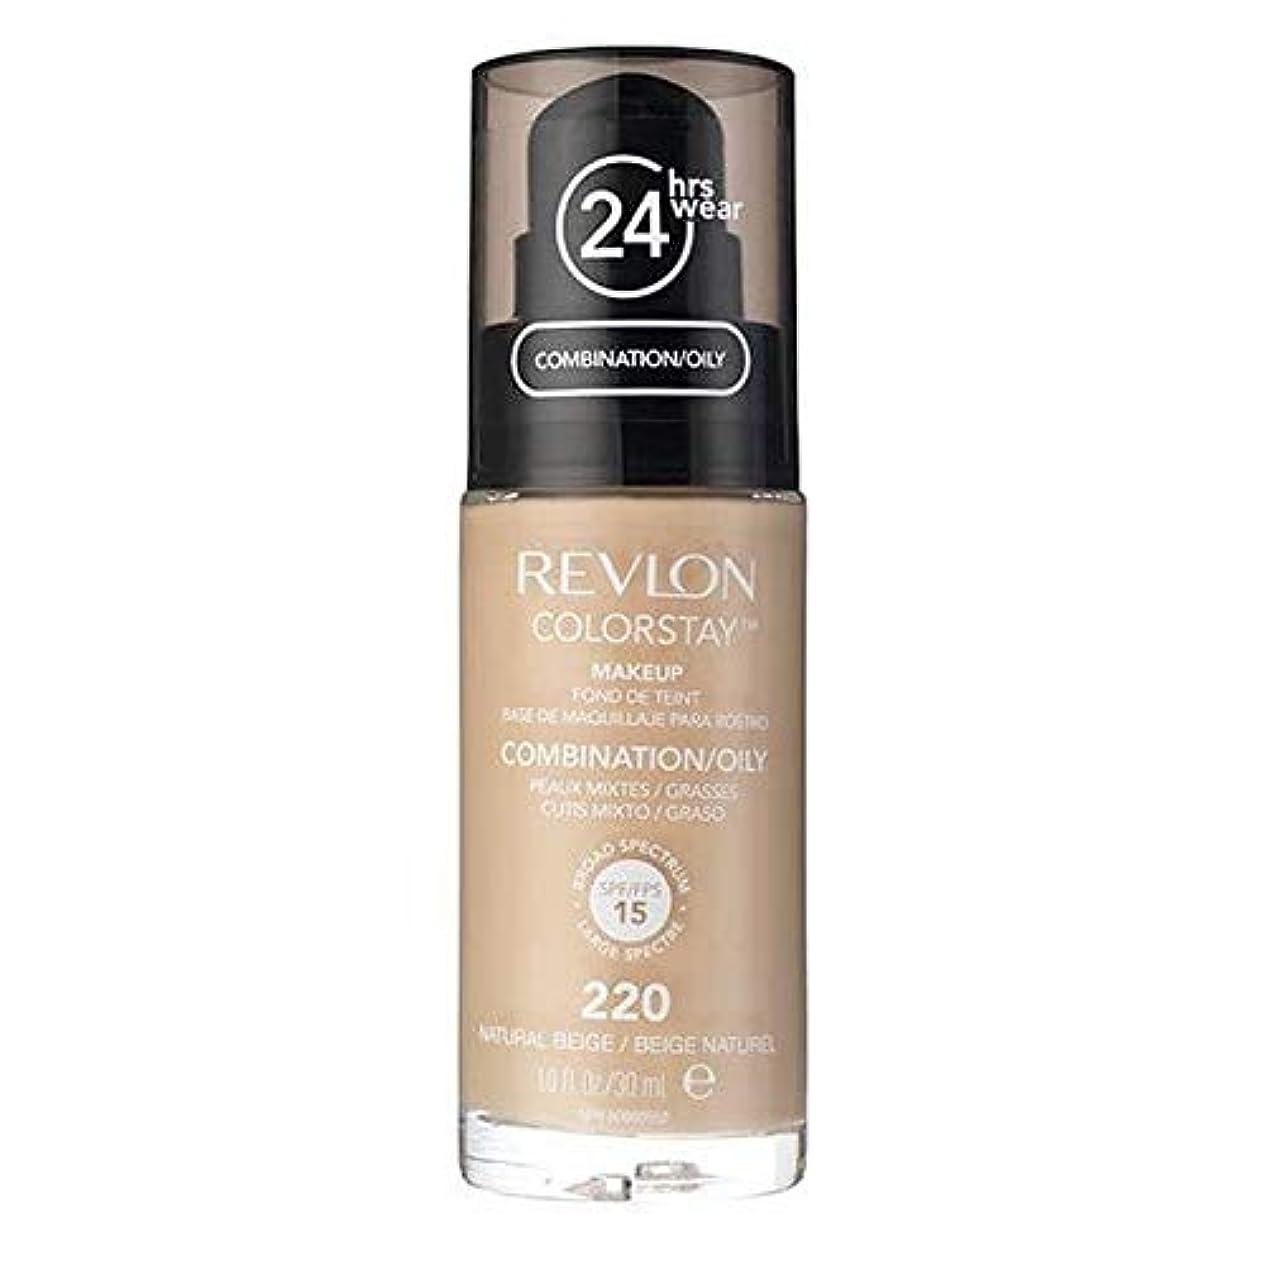 月曜日再生的バレーボール[Revlon ] レブロンカラーステイ基盤コンビ/油性Natbeige 30ミリリットル - Revlon Color Stay Foundation Combi/Oily Natbeige 30ml [並行輸入品]